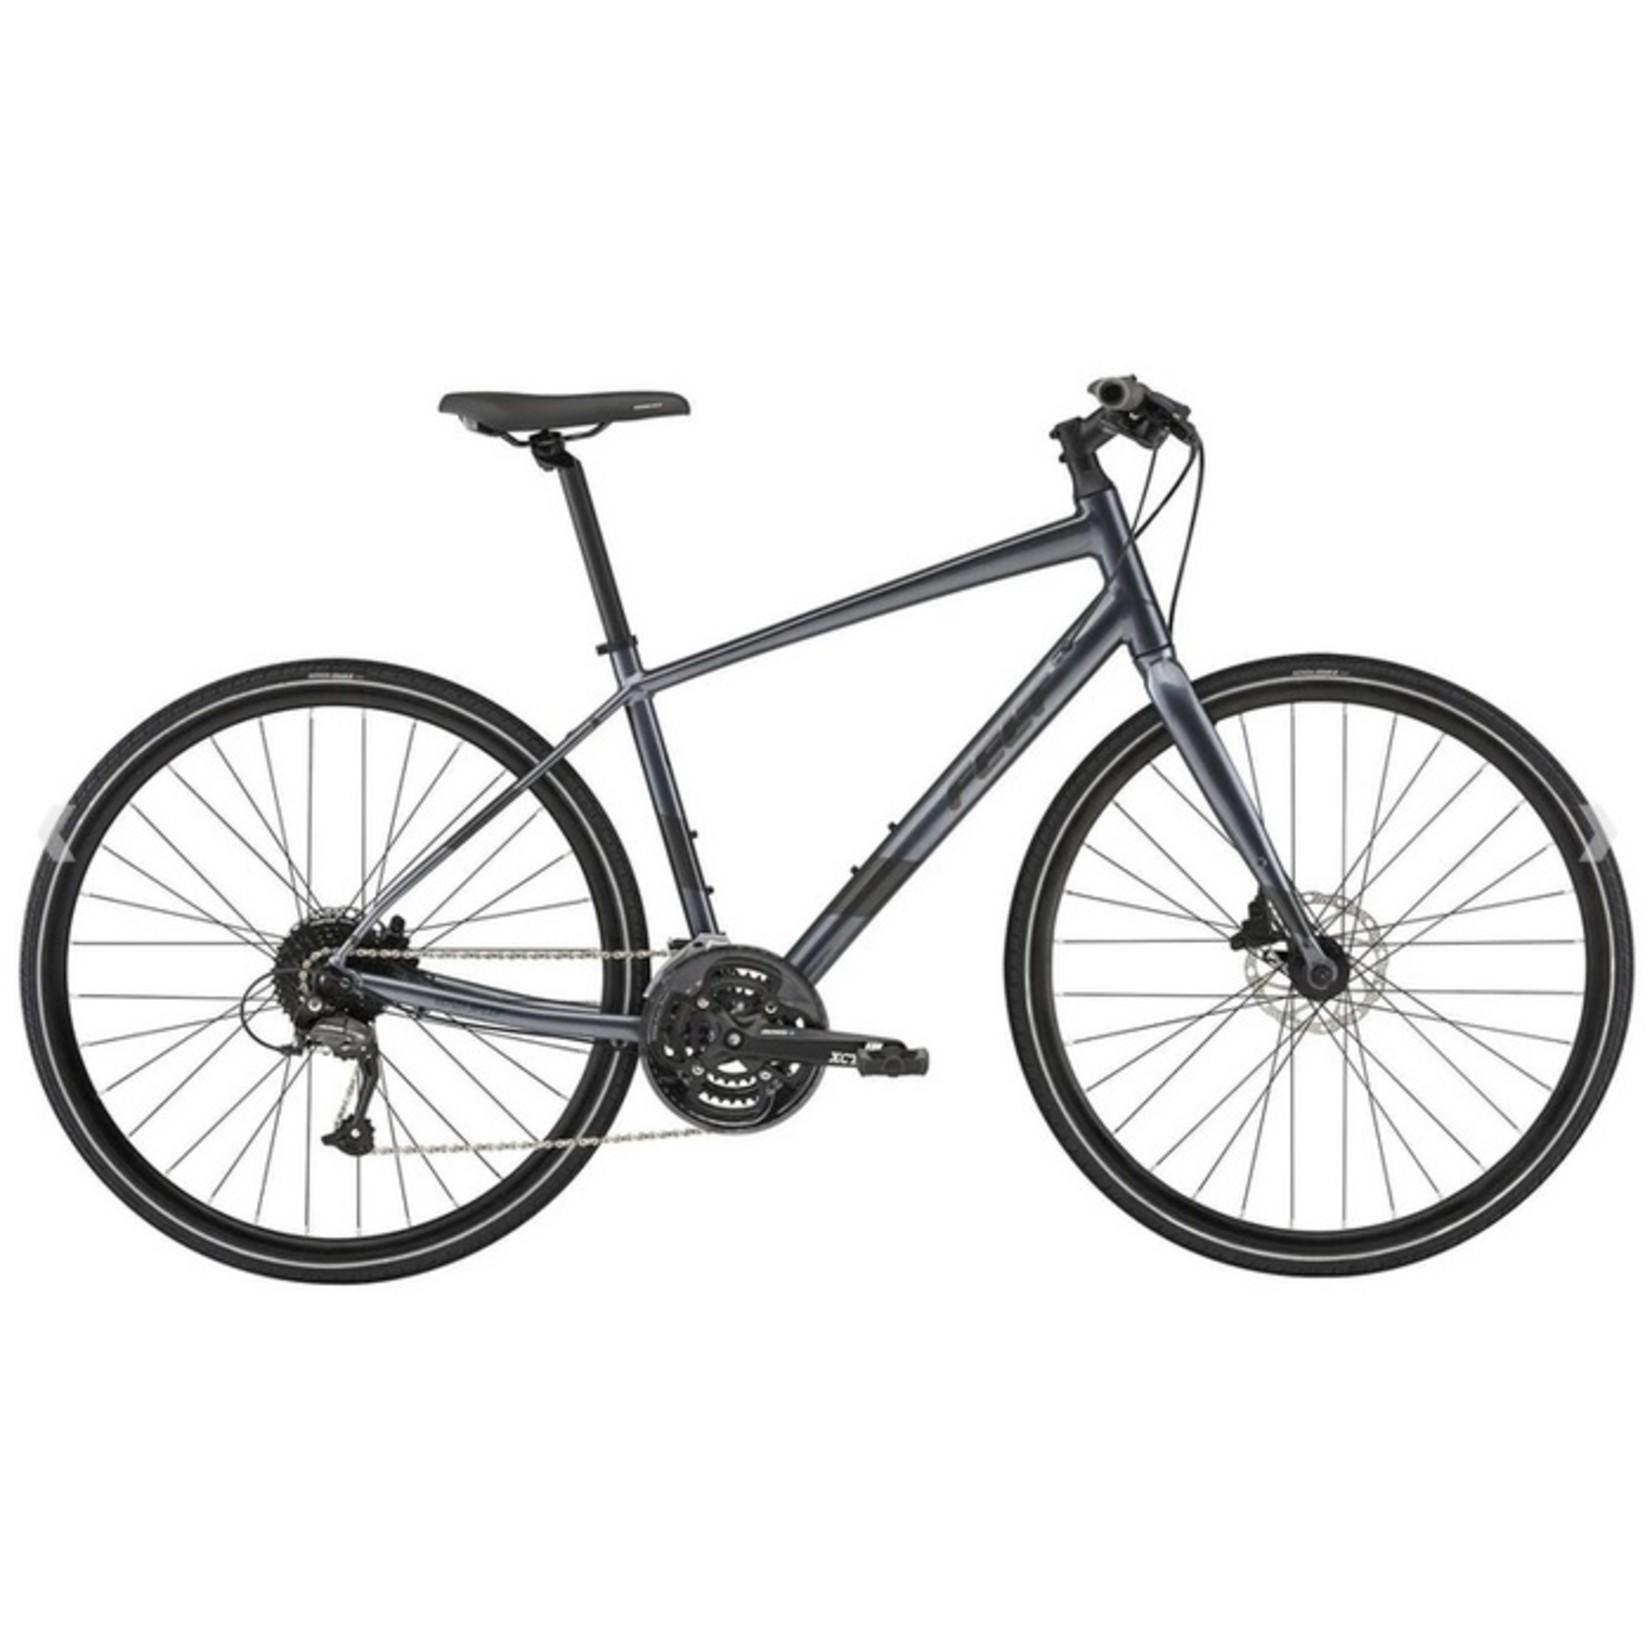 Felt Verza speed 40 5Charcoal XL 54 CM  2021